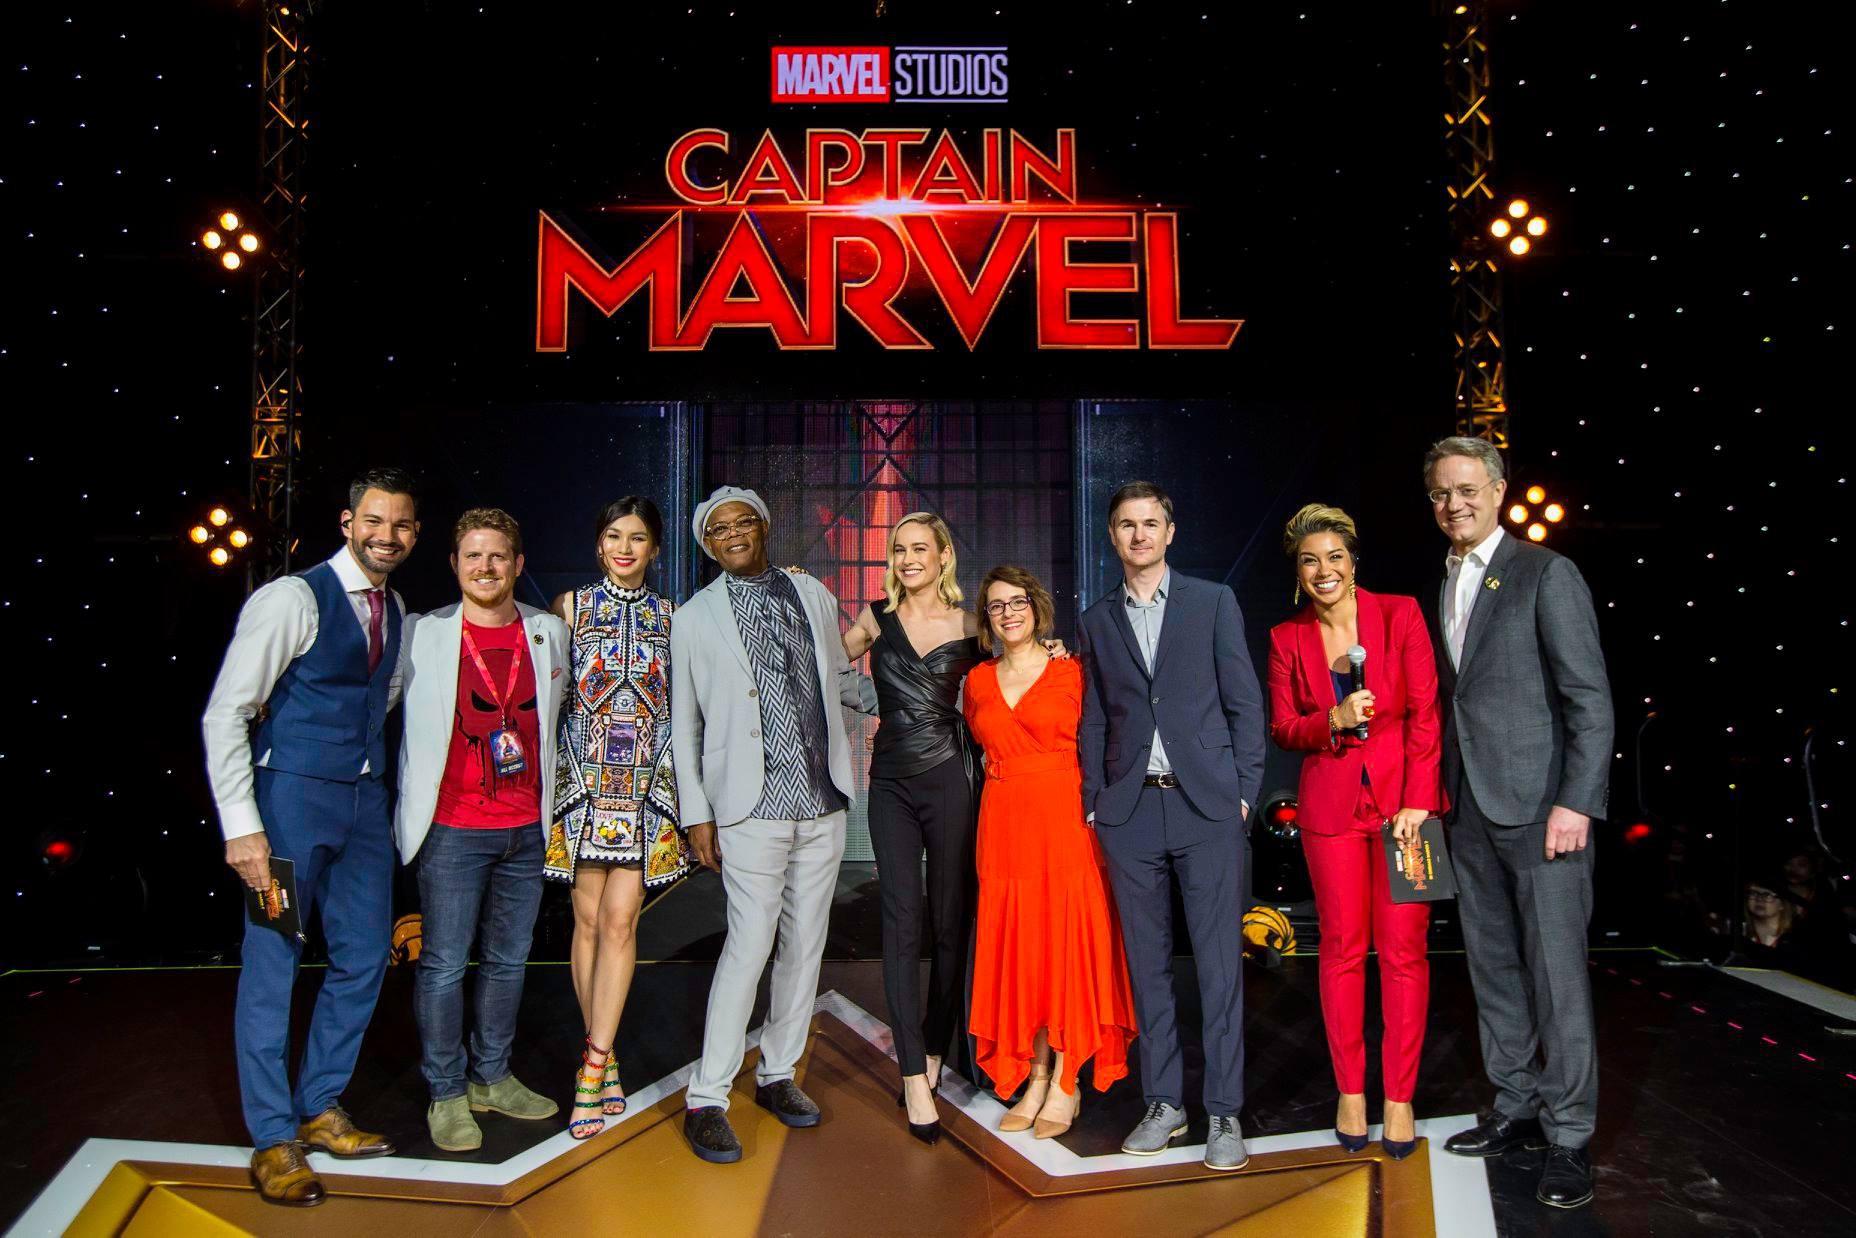 Bùng nổ phòng vé ngày công chiếu, Đại Úy Marvel xứng đáng là bom tấn tiếp theo của vũ trụ Marvel - Ảnh 2.